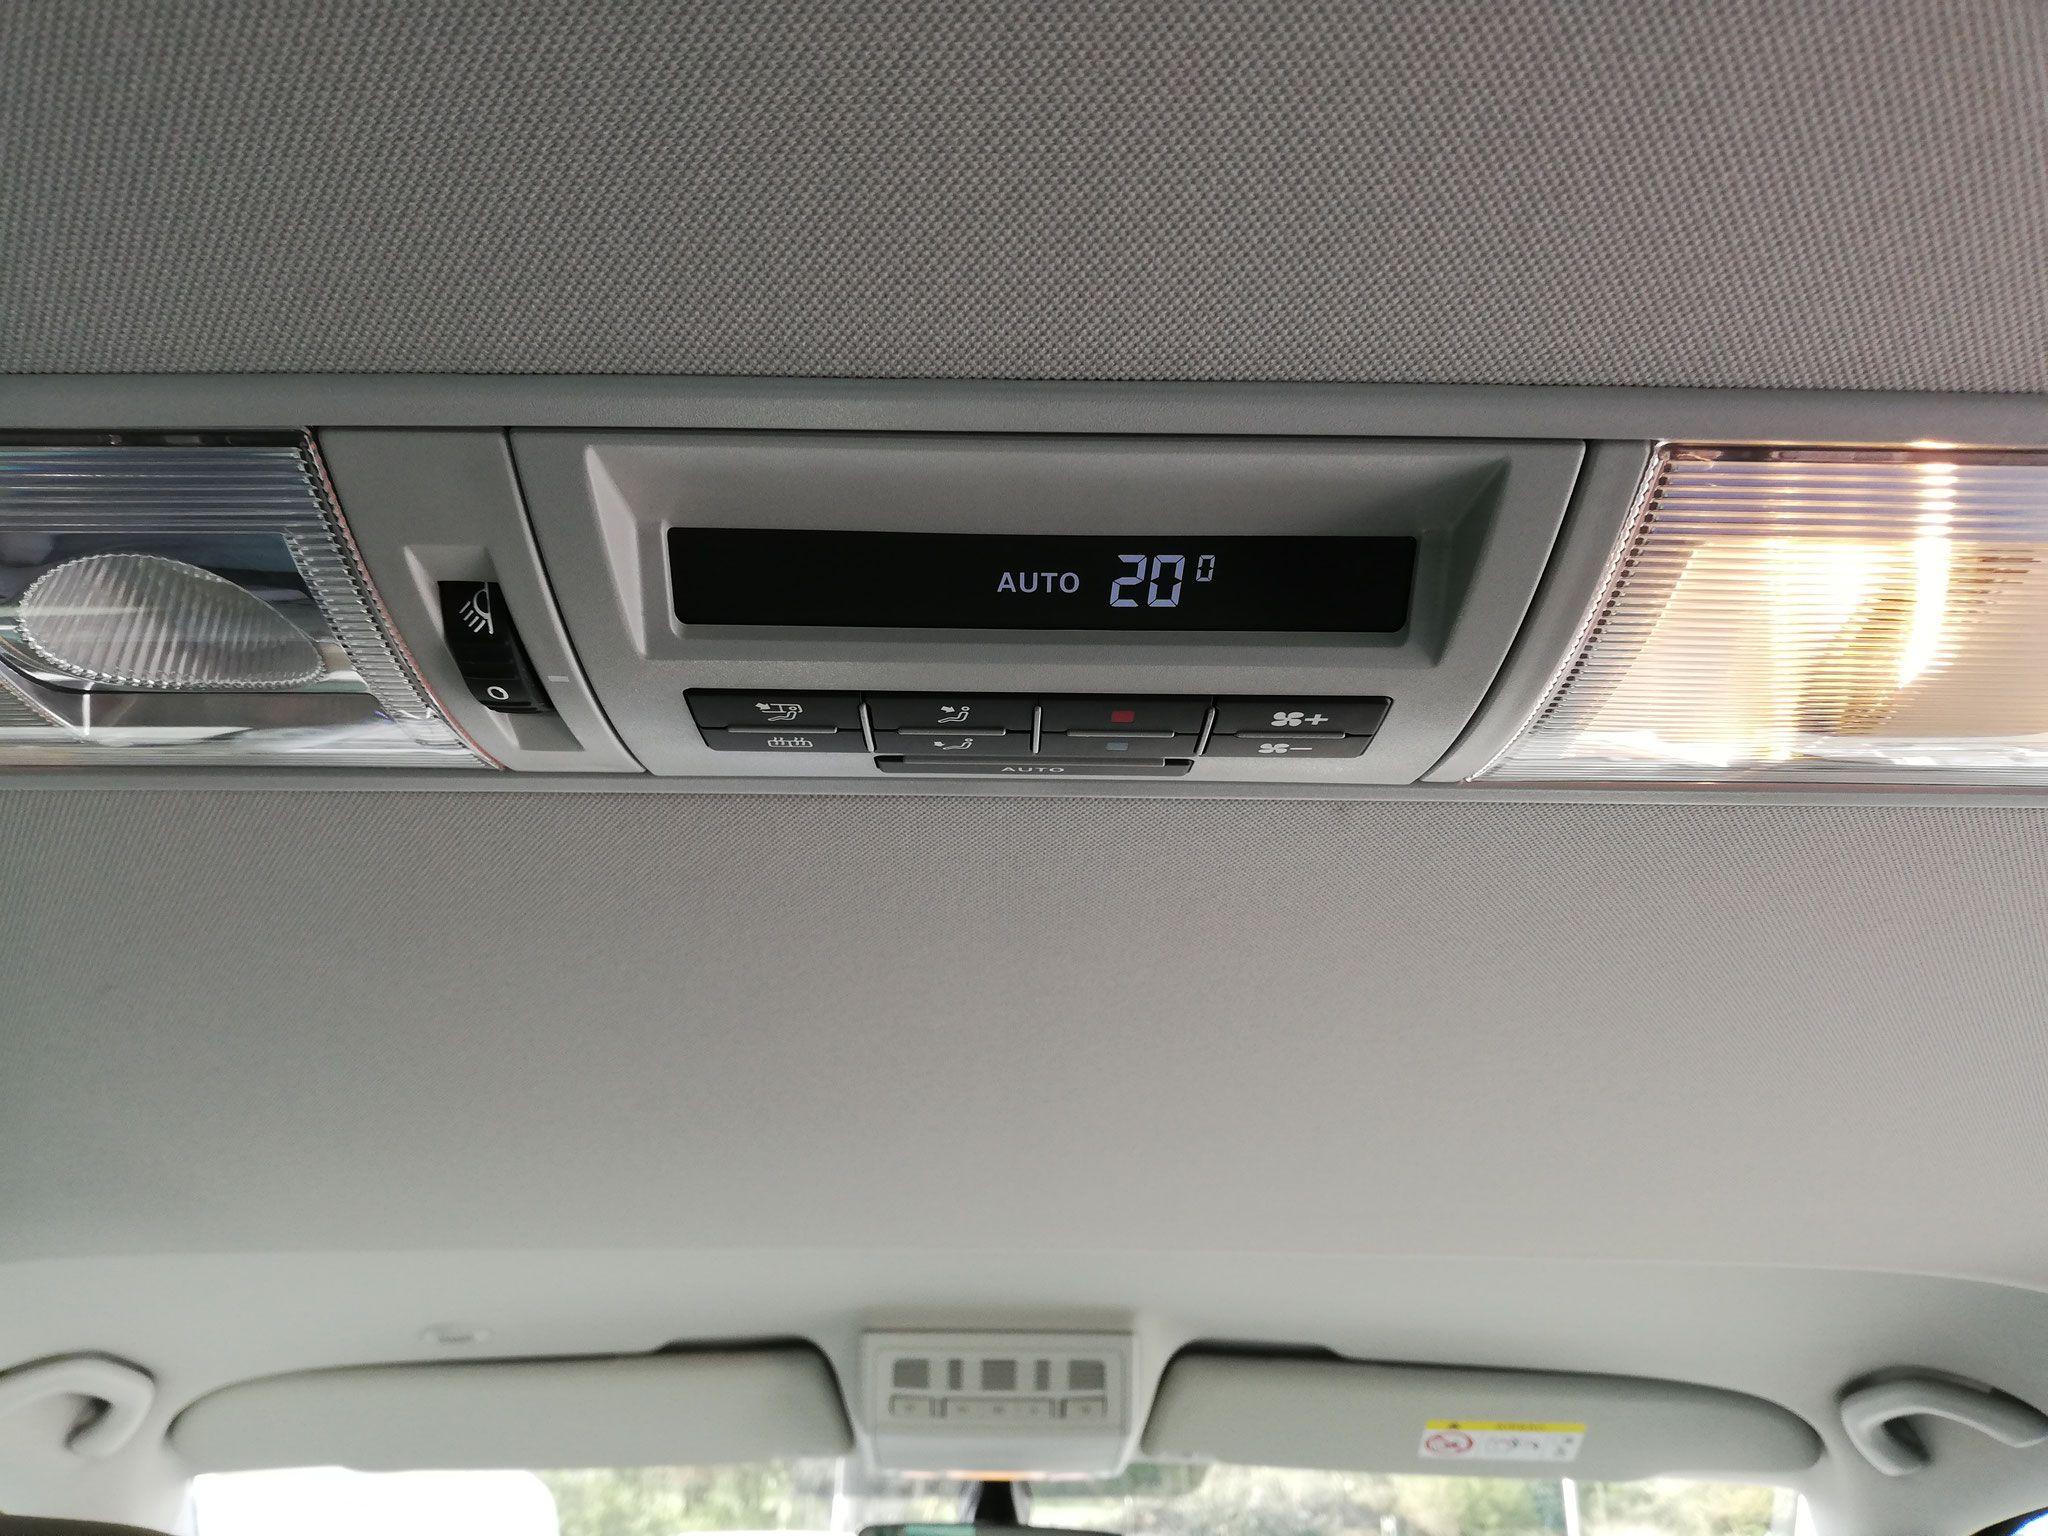 Volkswagen Caravelle T6 automaat (Luxe) -image (15).jpg